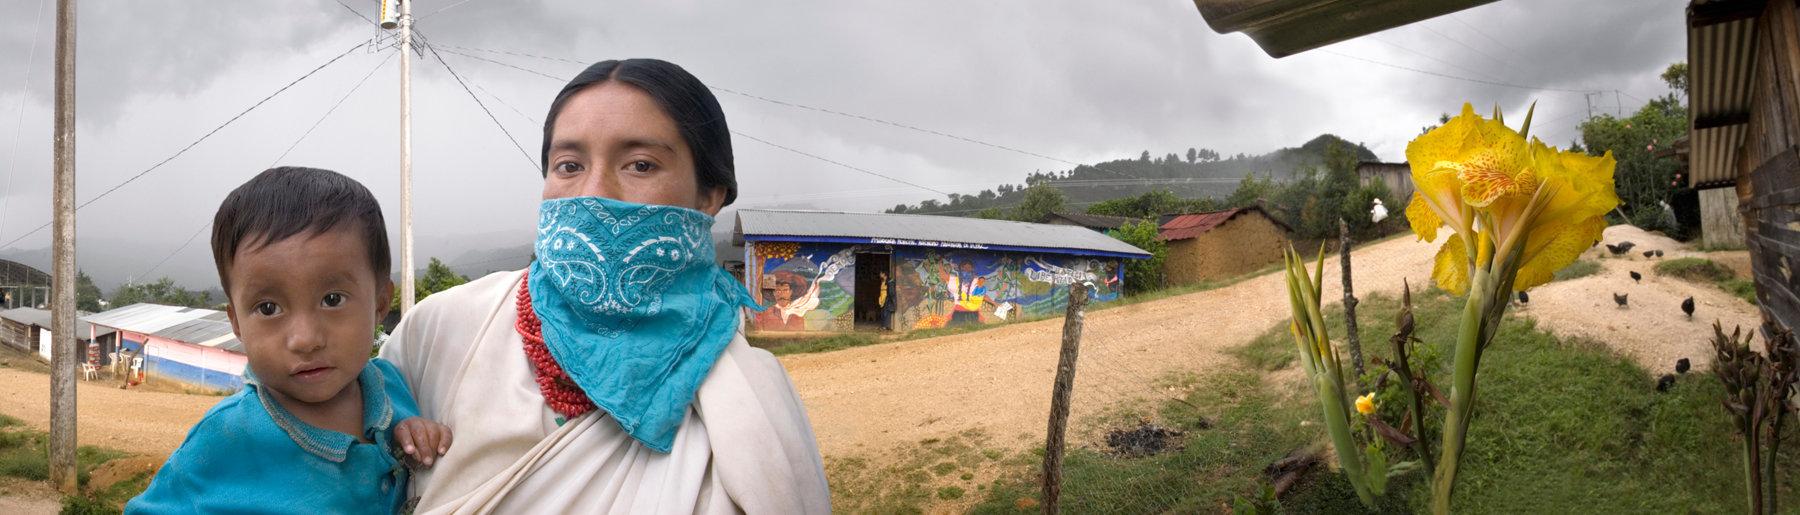 Madre y hijo Zapatista